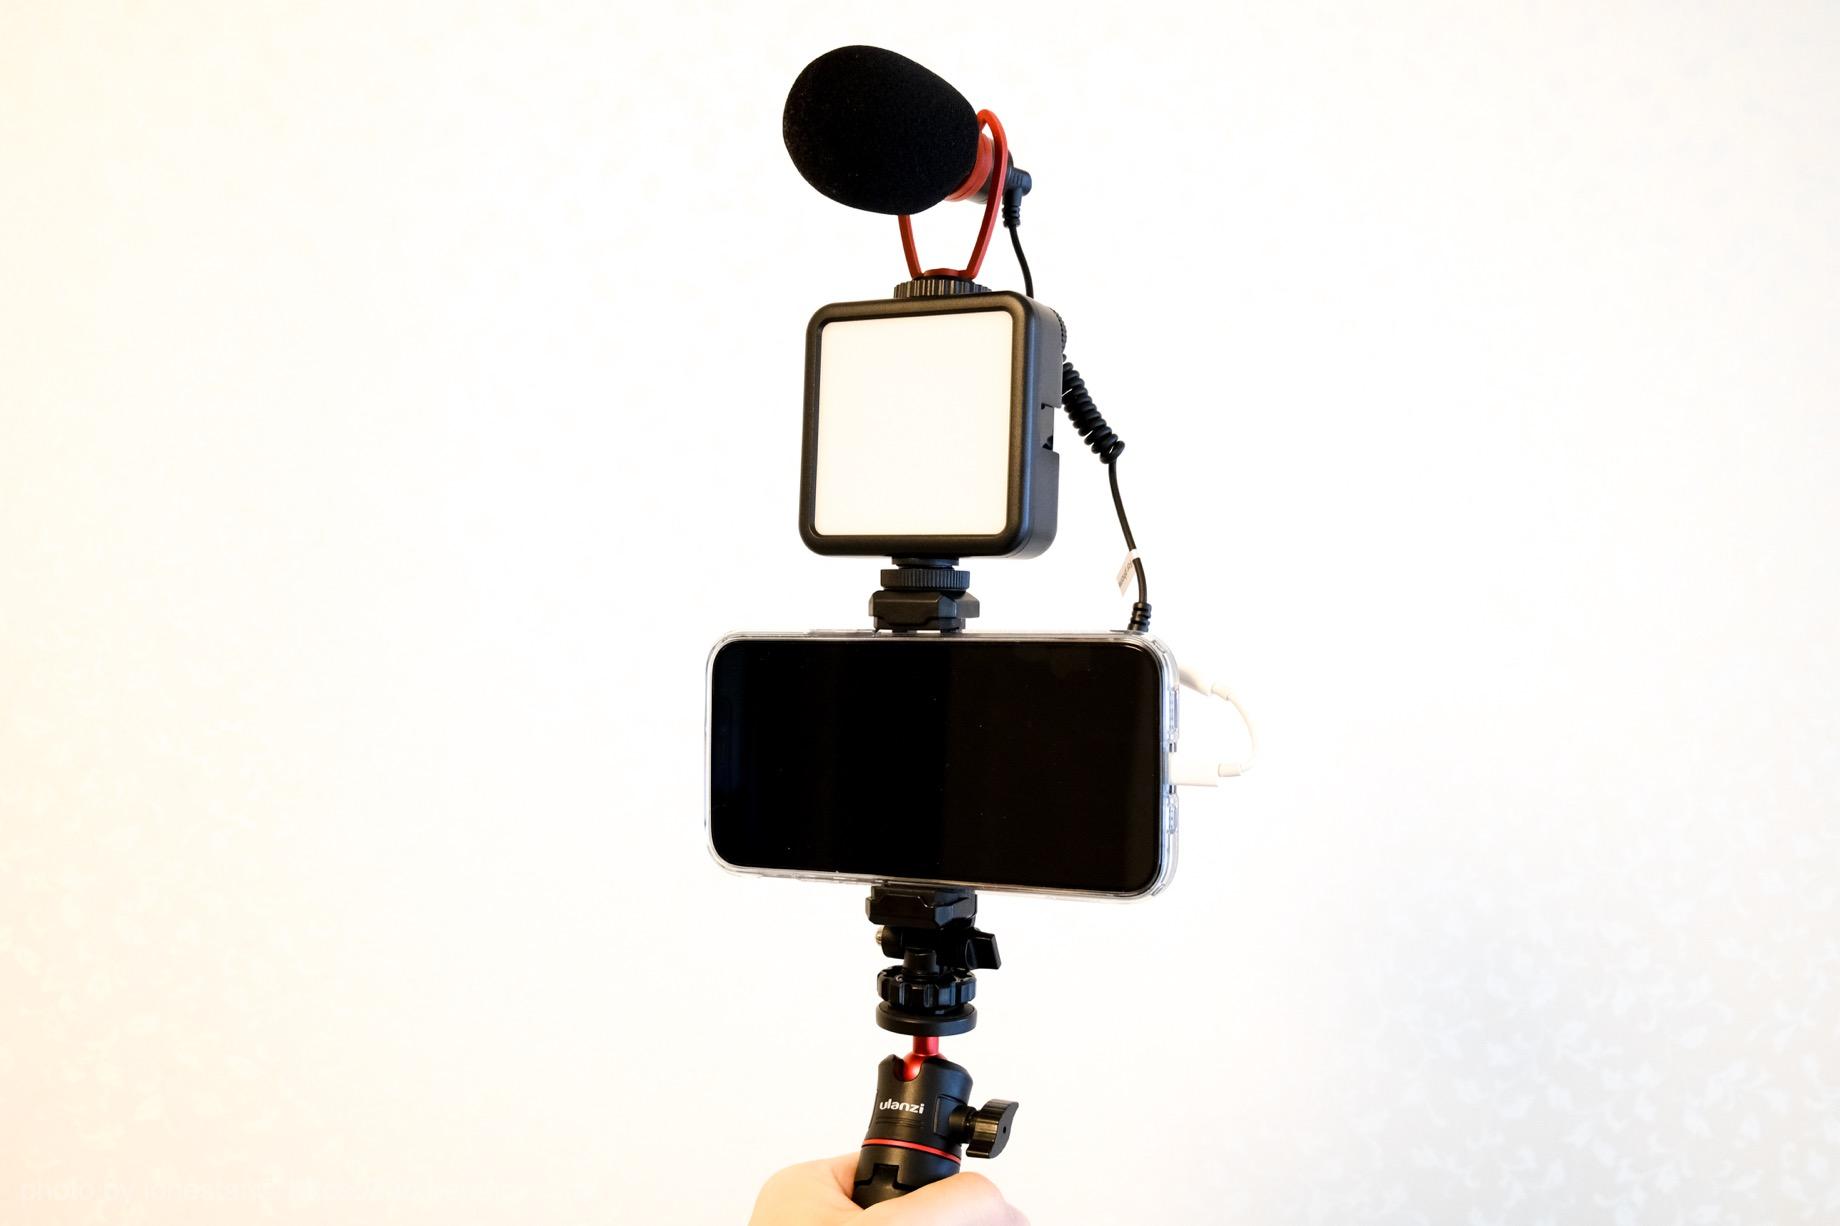 VIJIM VL81 LEDビデオライト レビュー